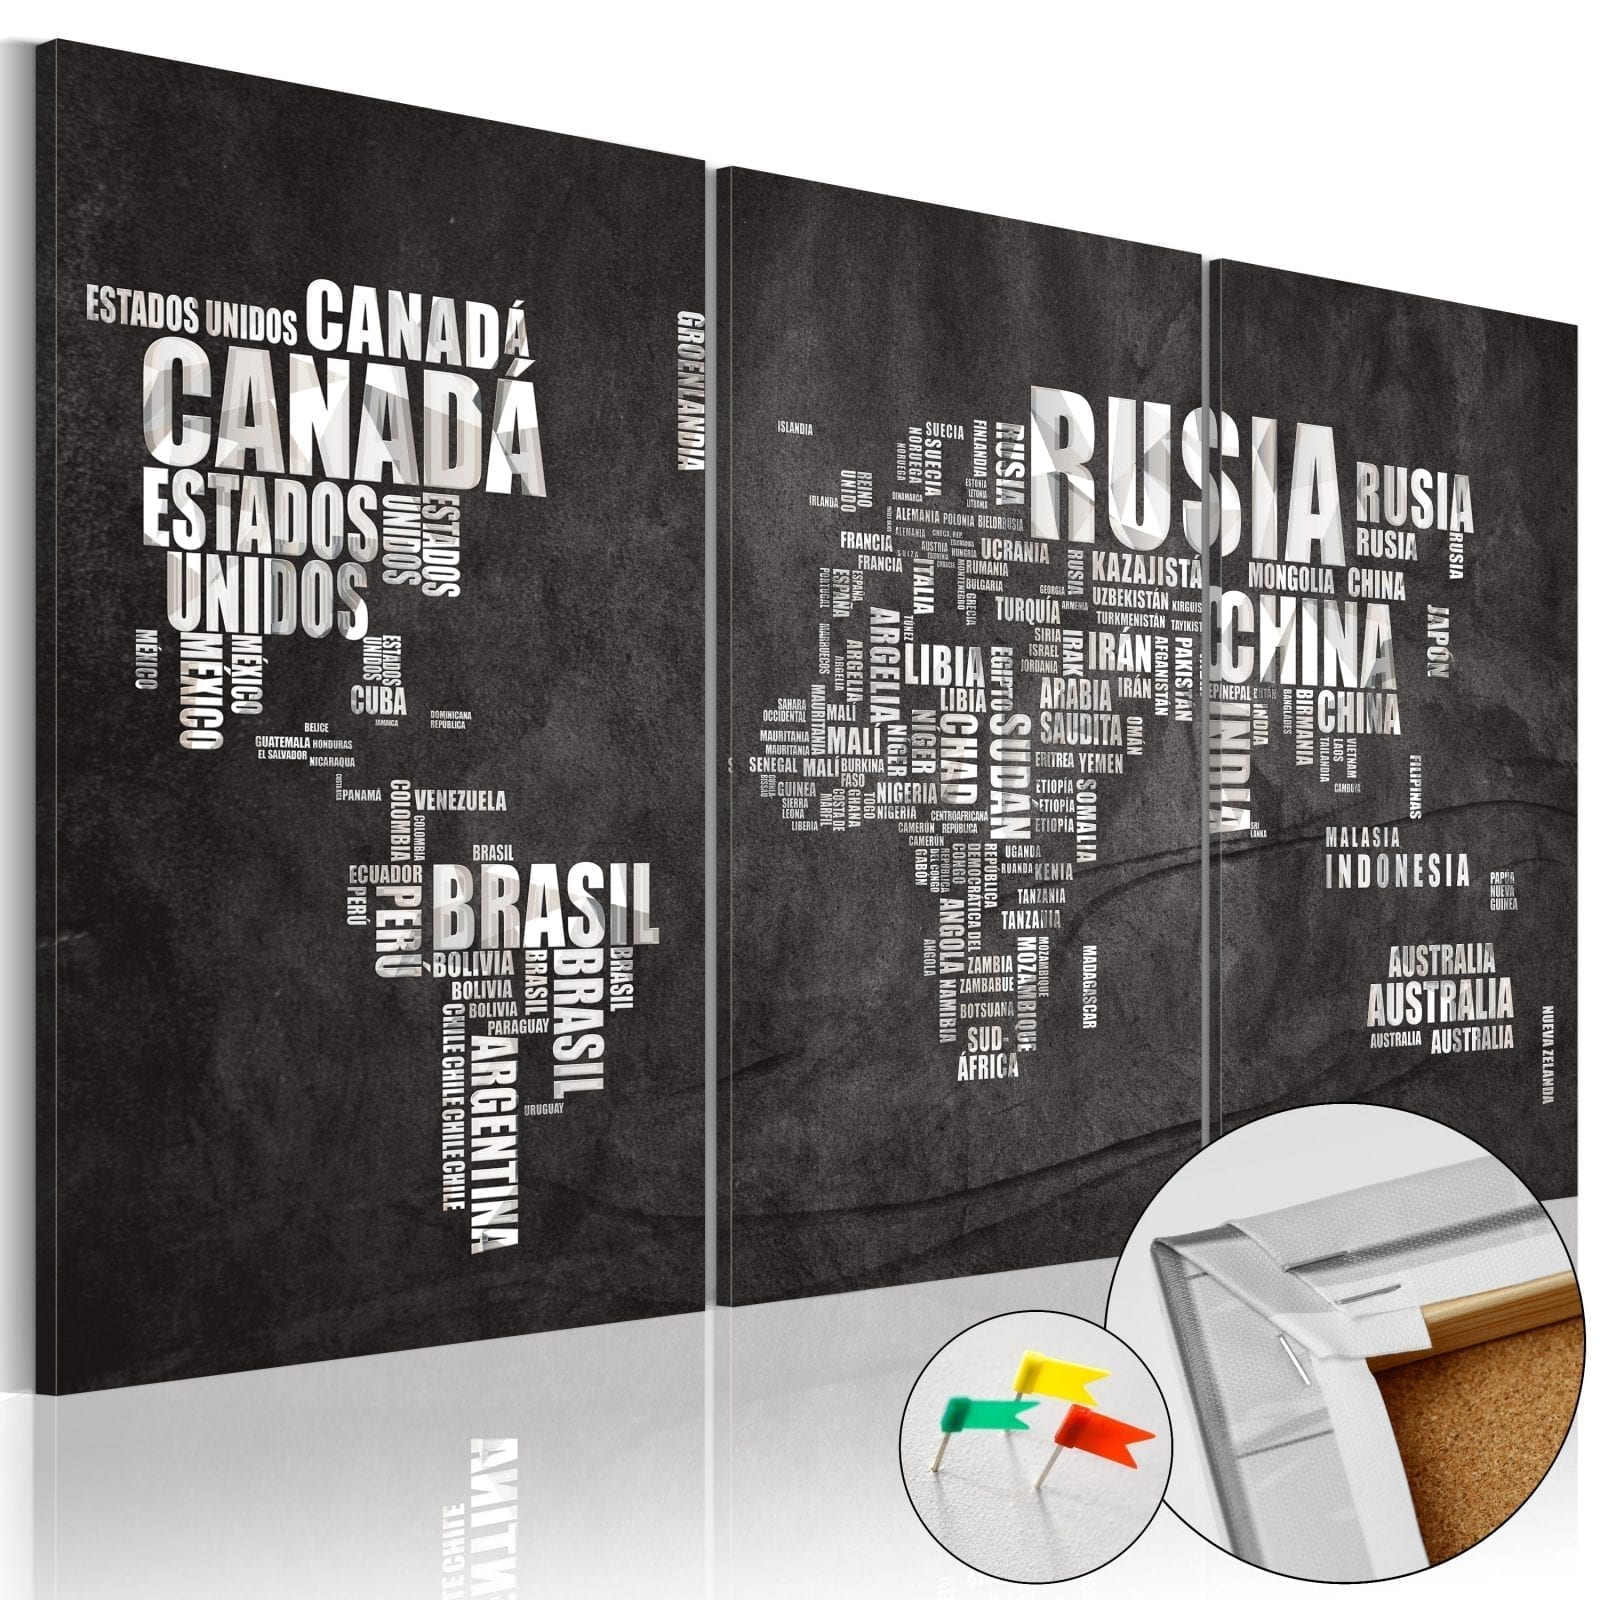 Tablero de corcho - El Mundo 1 | Potspintura.com